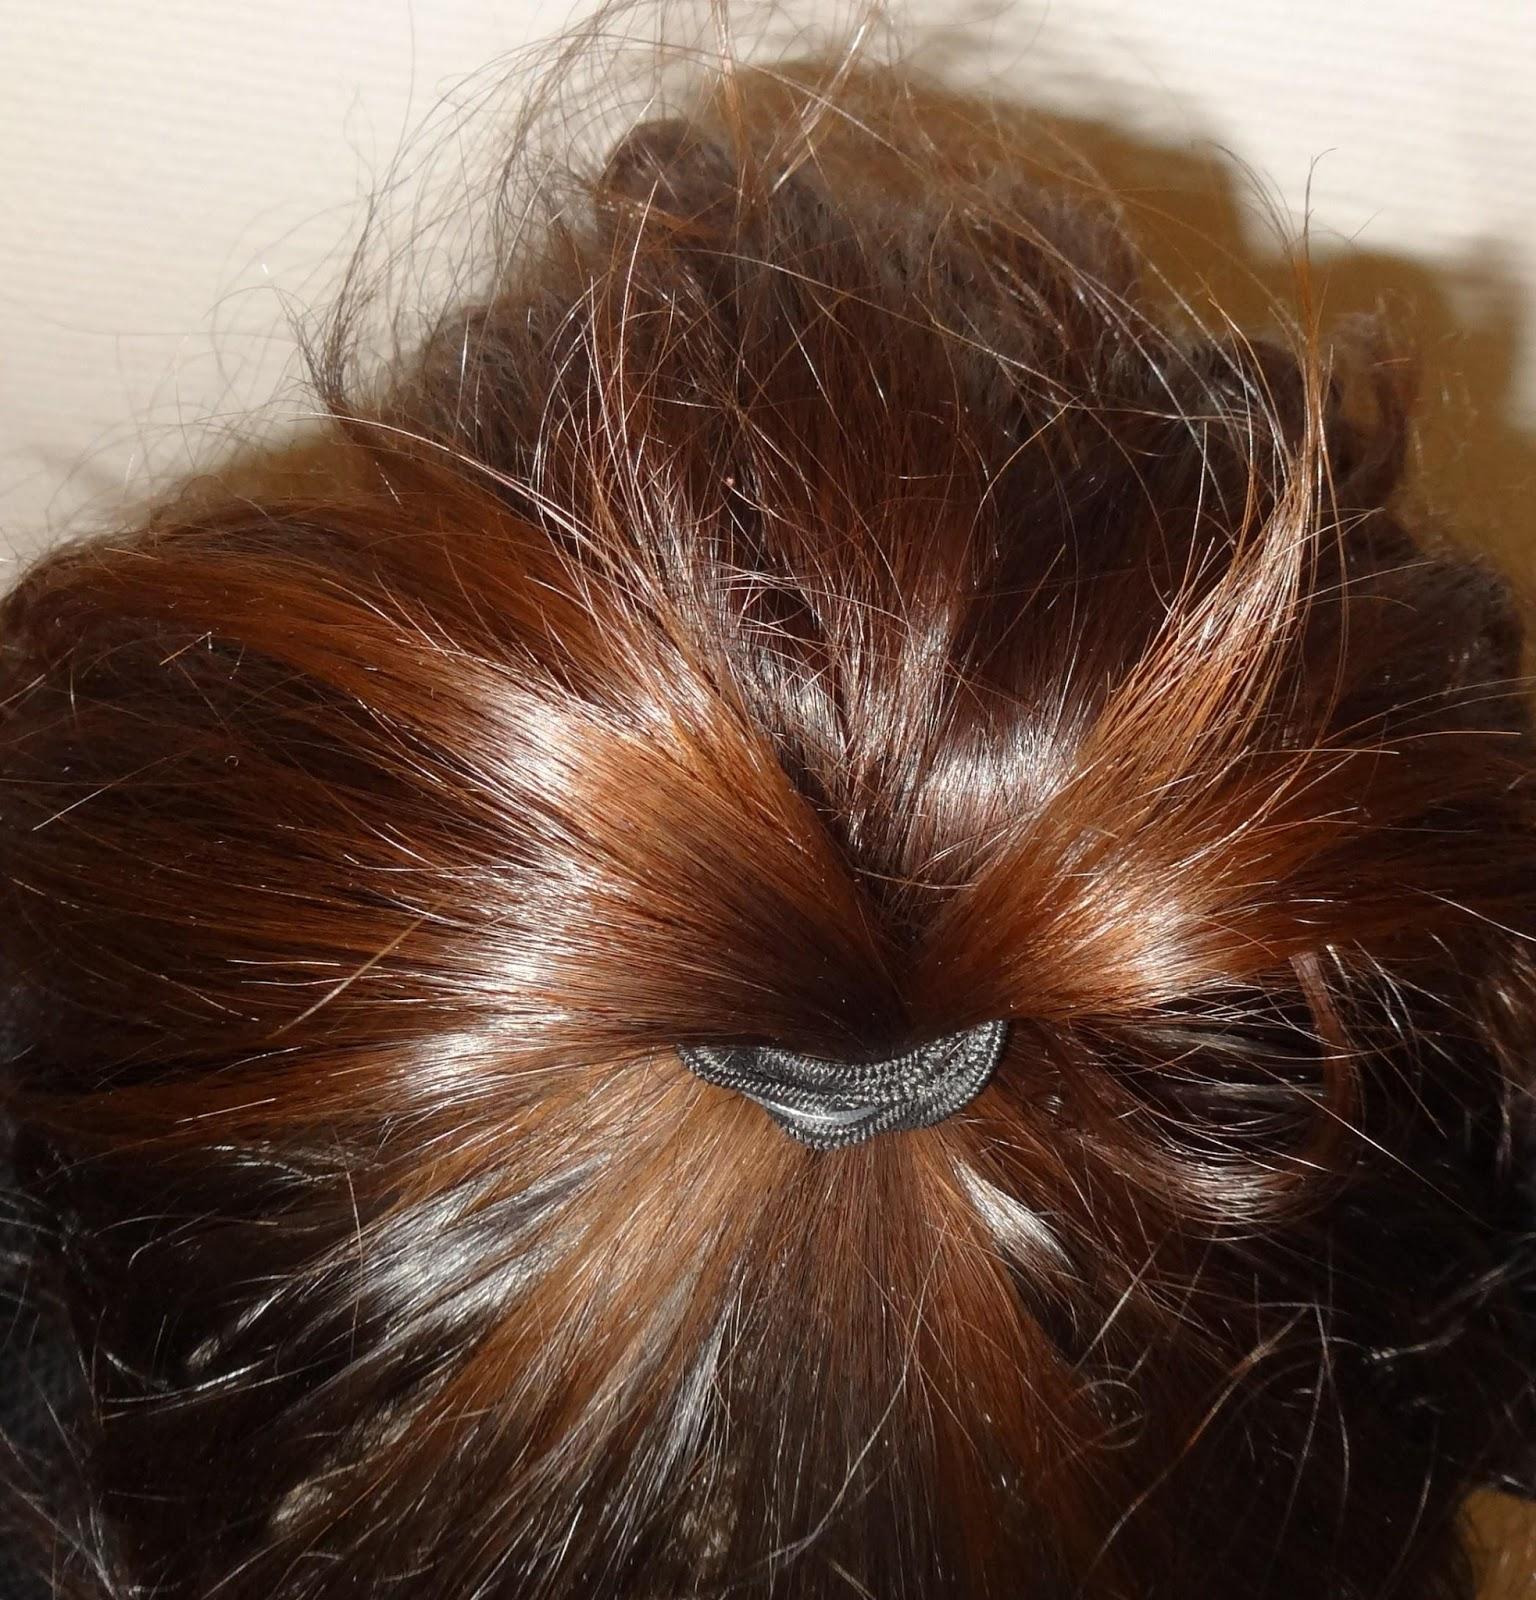 Première étape  s\u0027attacher les cheveux en queue de cheval. Tu vas te  moquer mais ça a été l\u0027étape la plus compliquée pour moi.